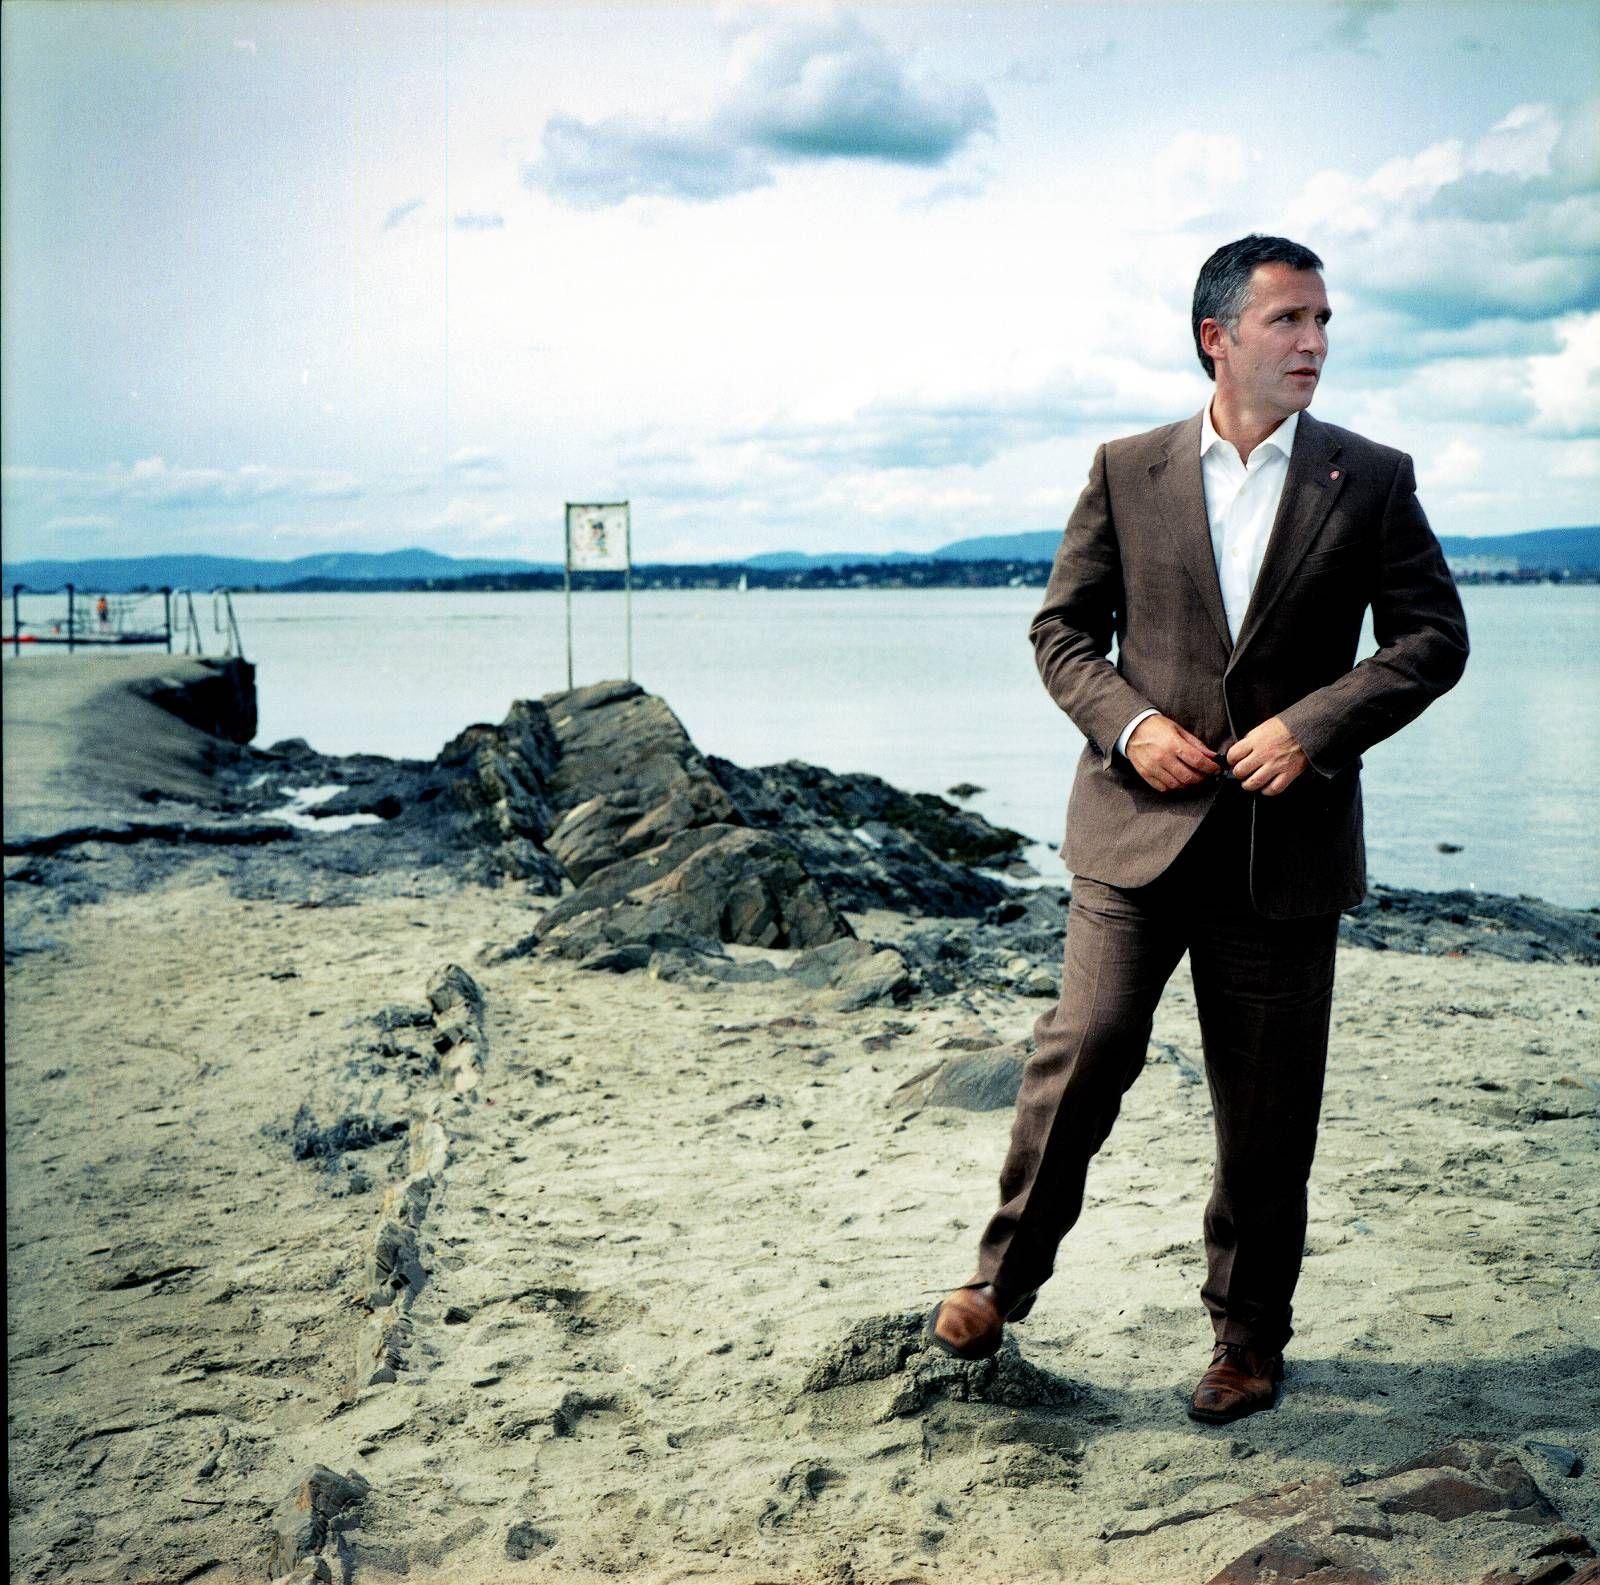 OLJEFOND: Sentralbanksjefen foreslo i 2012 å stramme inn handlingsregelen til å maksimalt bruke tre prosent av oljefondets avkastning. Dette avviste Stoltenberg. Hvorfor grep ikke de rødgrønne muligheten? spør Lars Gauden-Kolbeinstveit i Civita.FOTO: HÅVARD BJELLAND